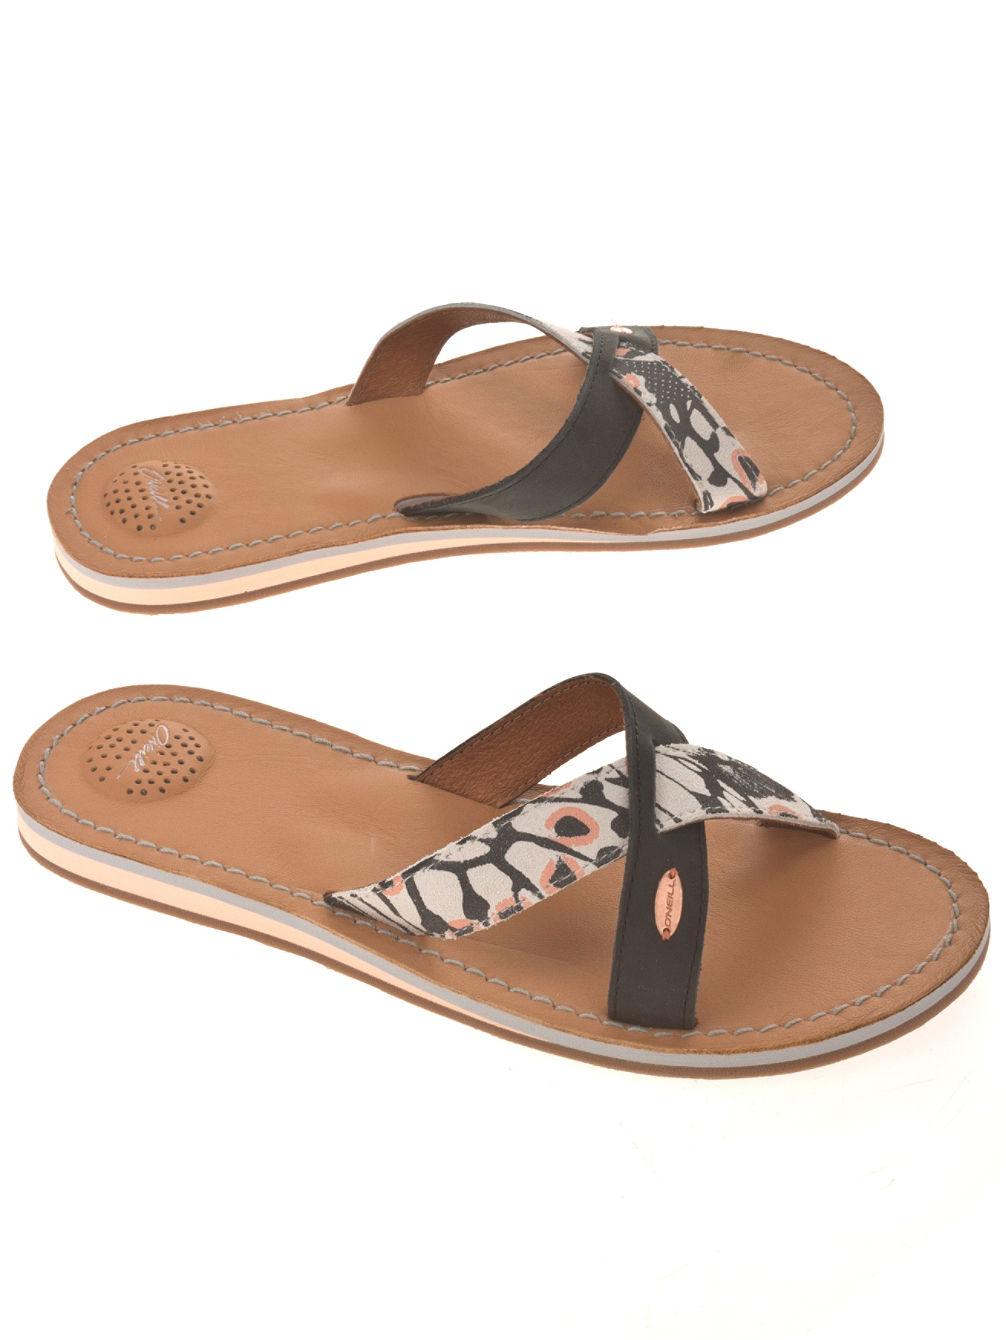 Pele Shoes For Sale